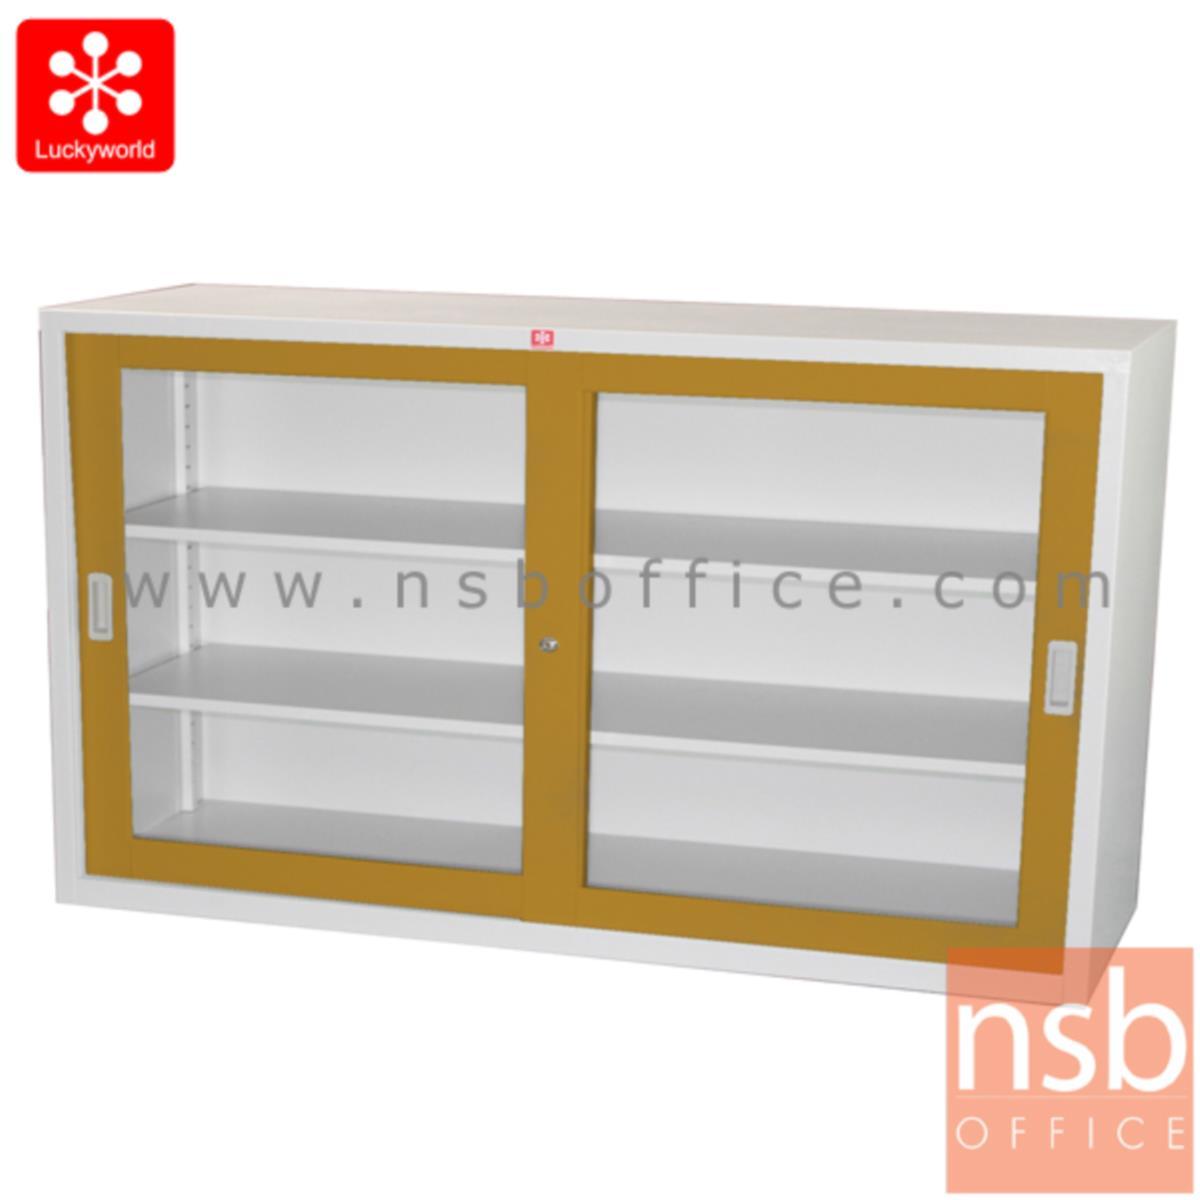 ตู้เหล็ก 2 บานเลื่อนกระจกเตี้ย  รุ่น KSG  ขนาด 3, 4 และ 5 ฟุต